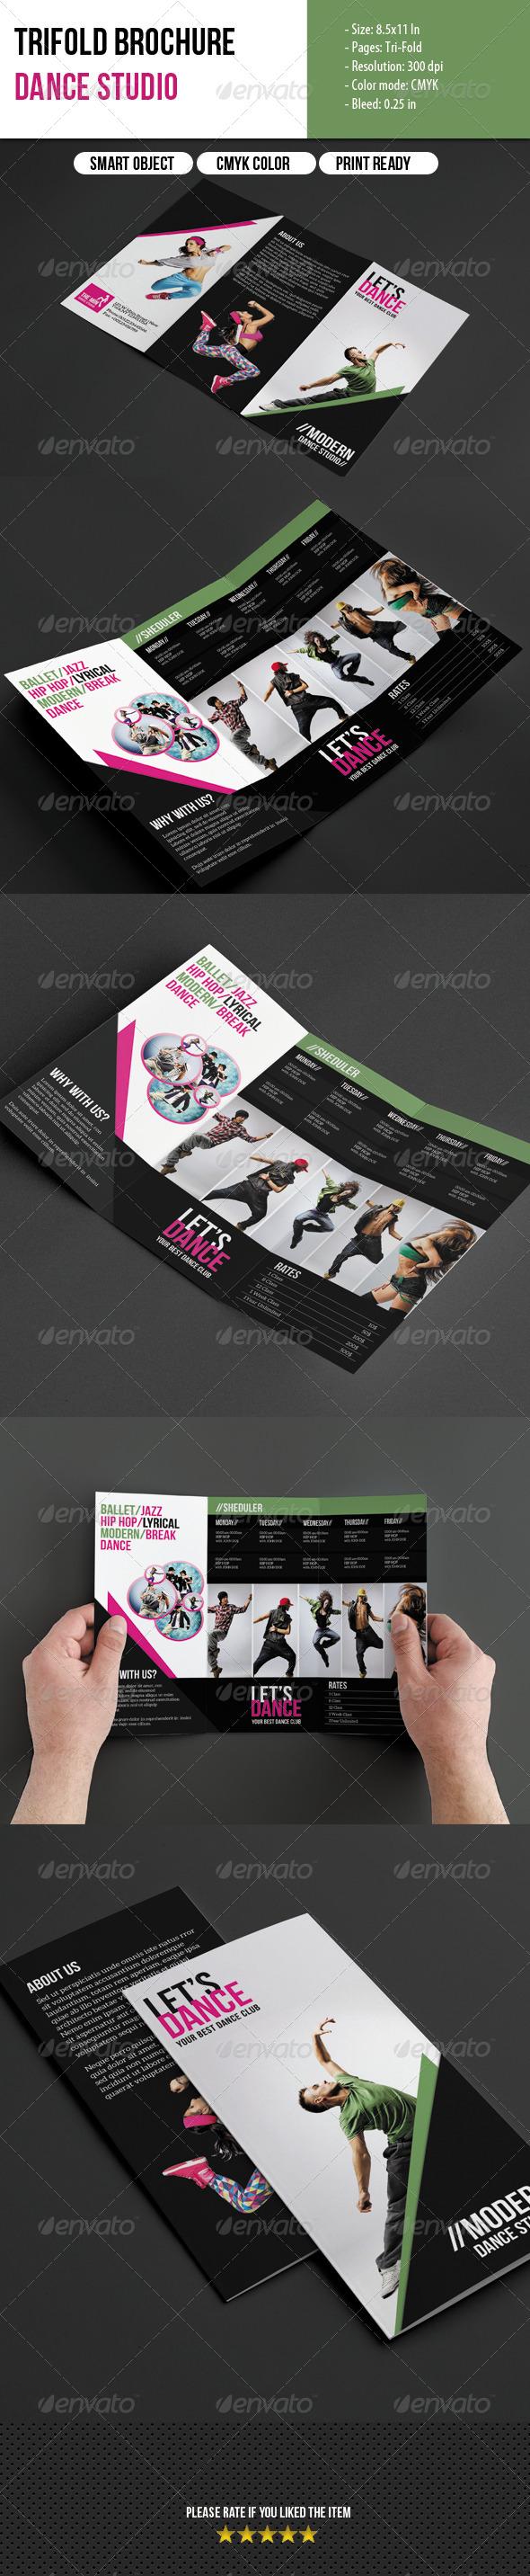 Trifold Brochure-Dance Studio - Corporate Brochures